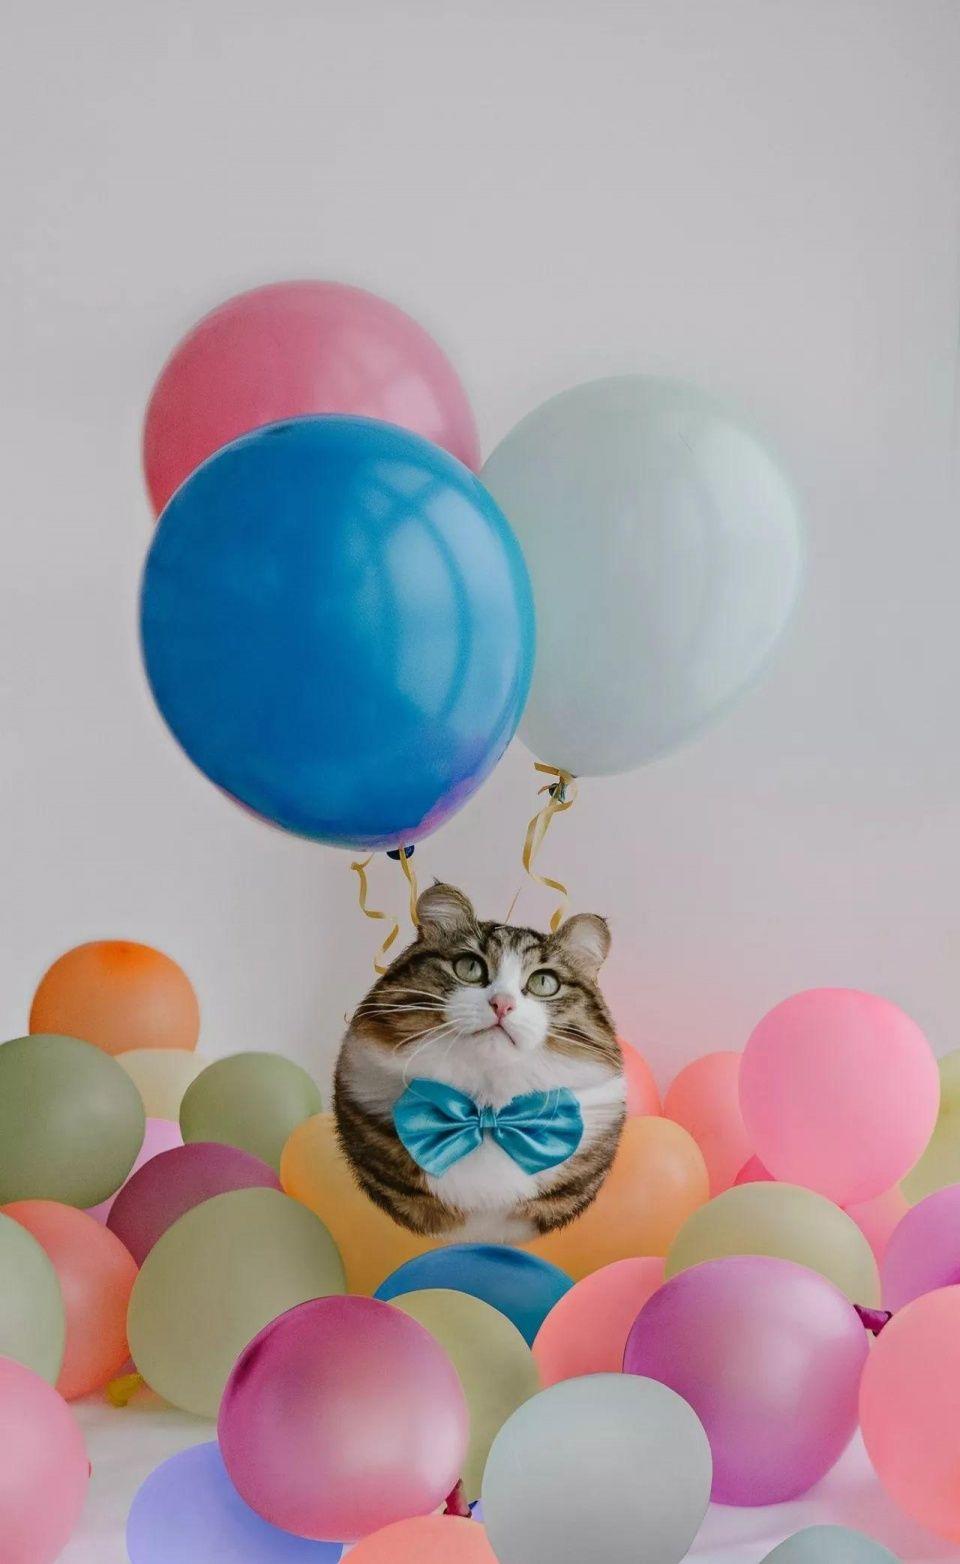 如果动物们都变成了球形的话…竟然毫无违和感是怎么回事